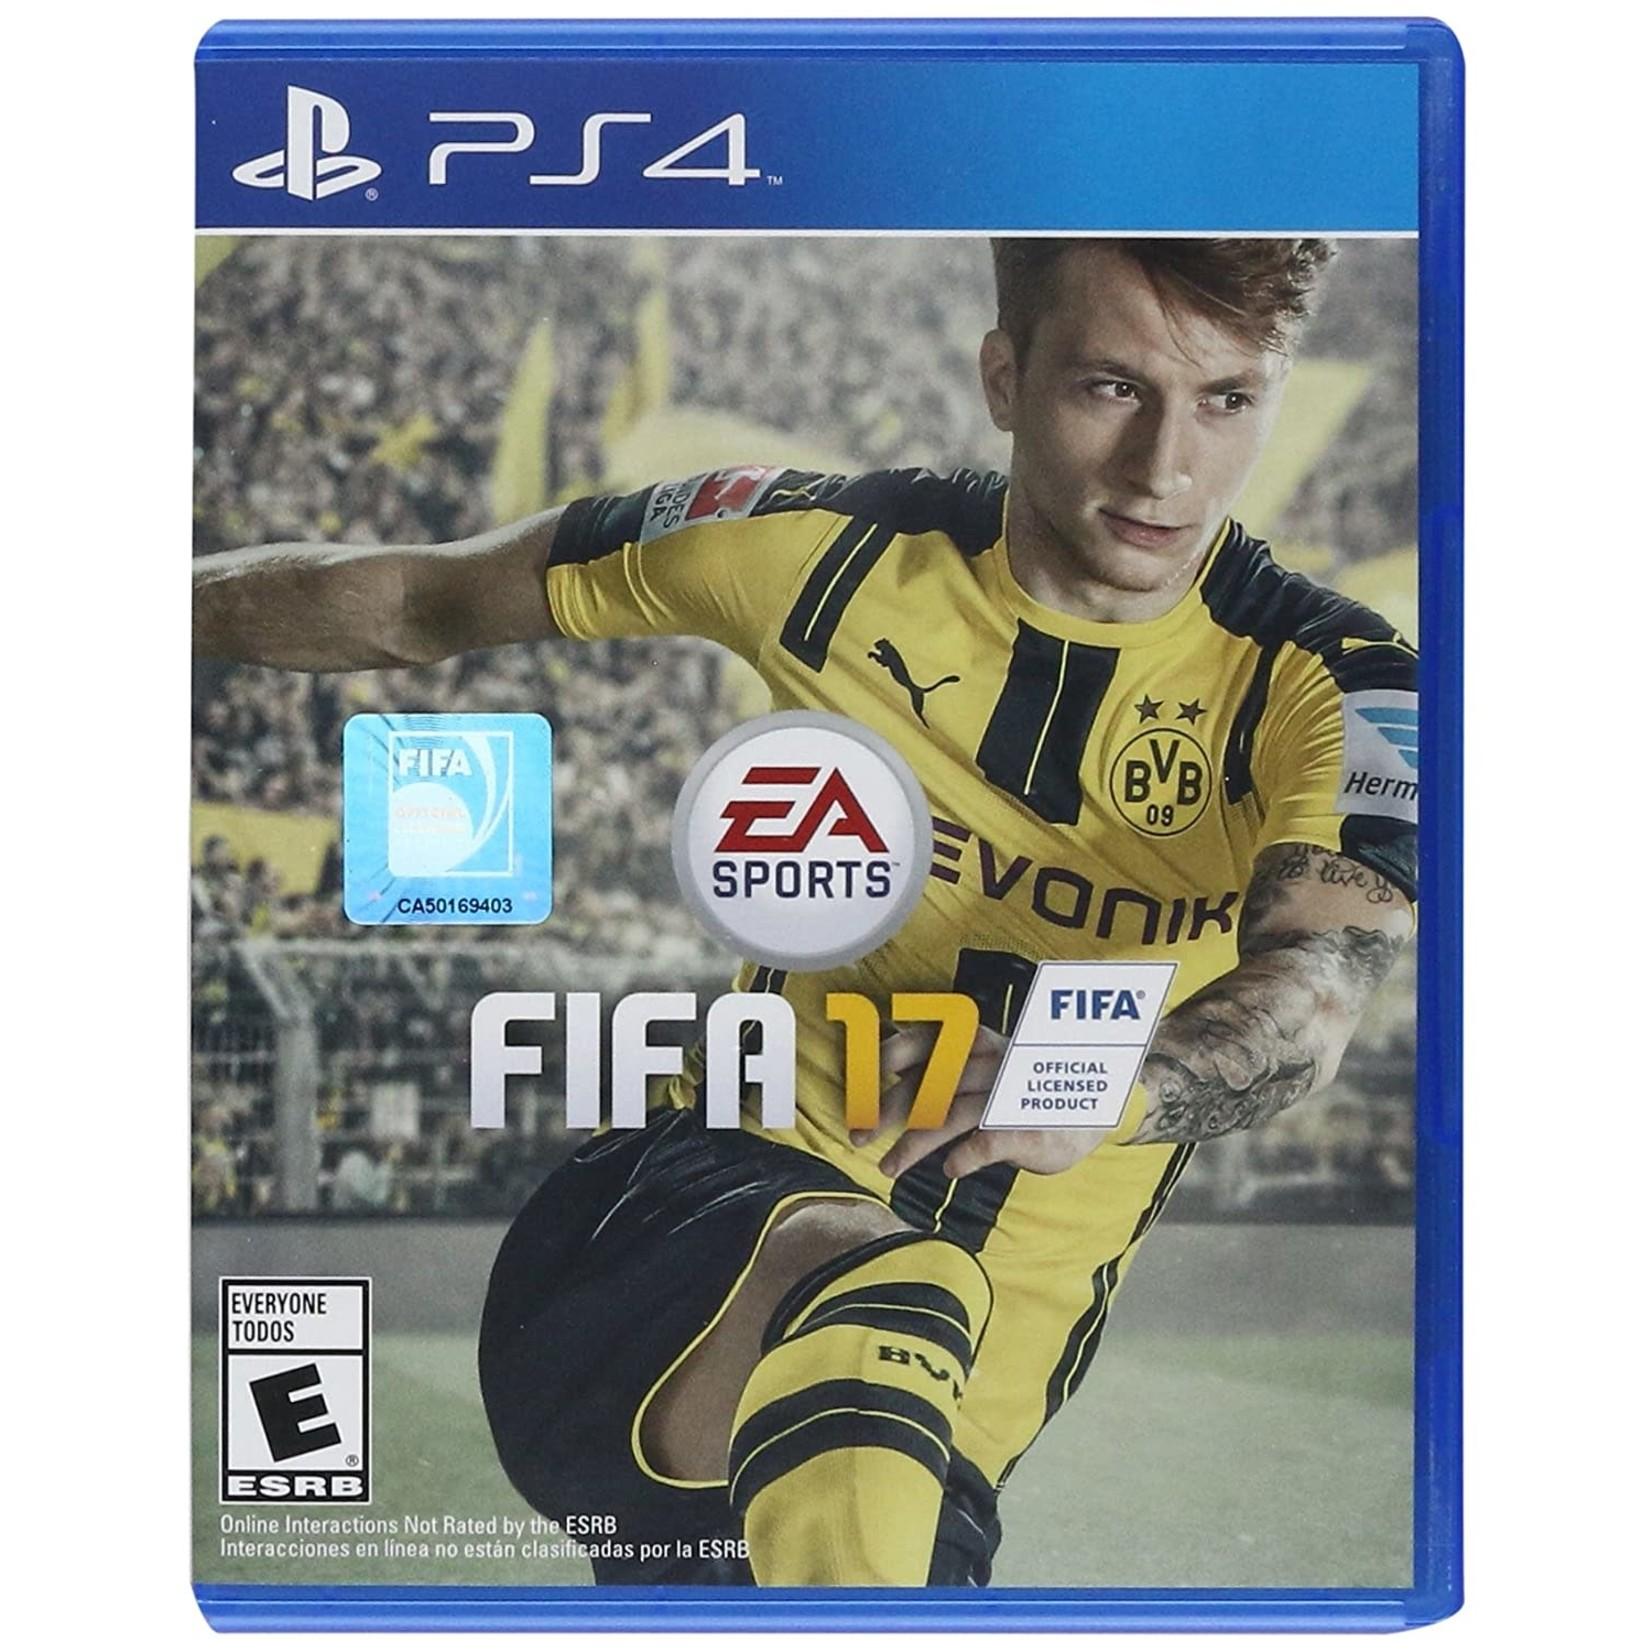 PS4U-FIFA 17